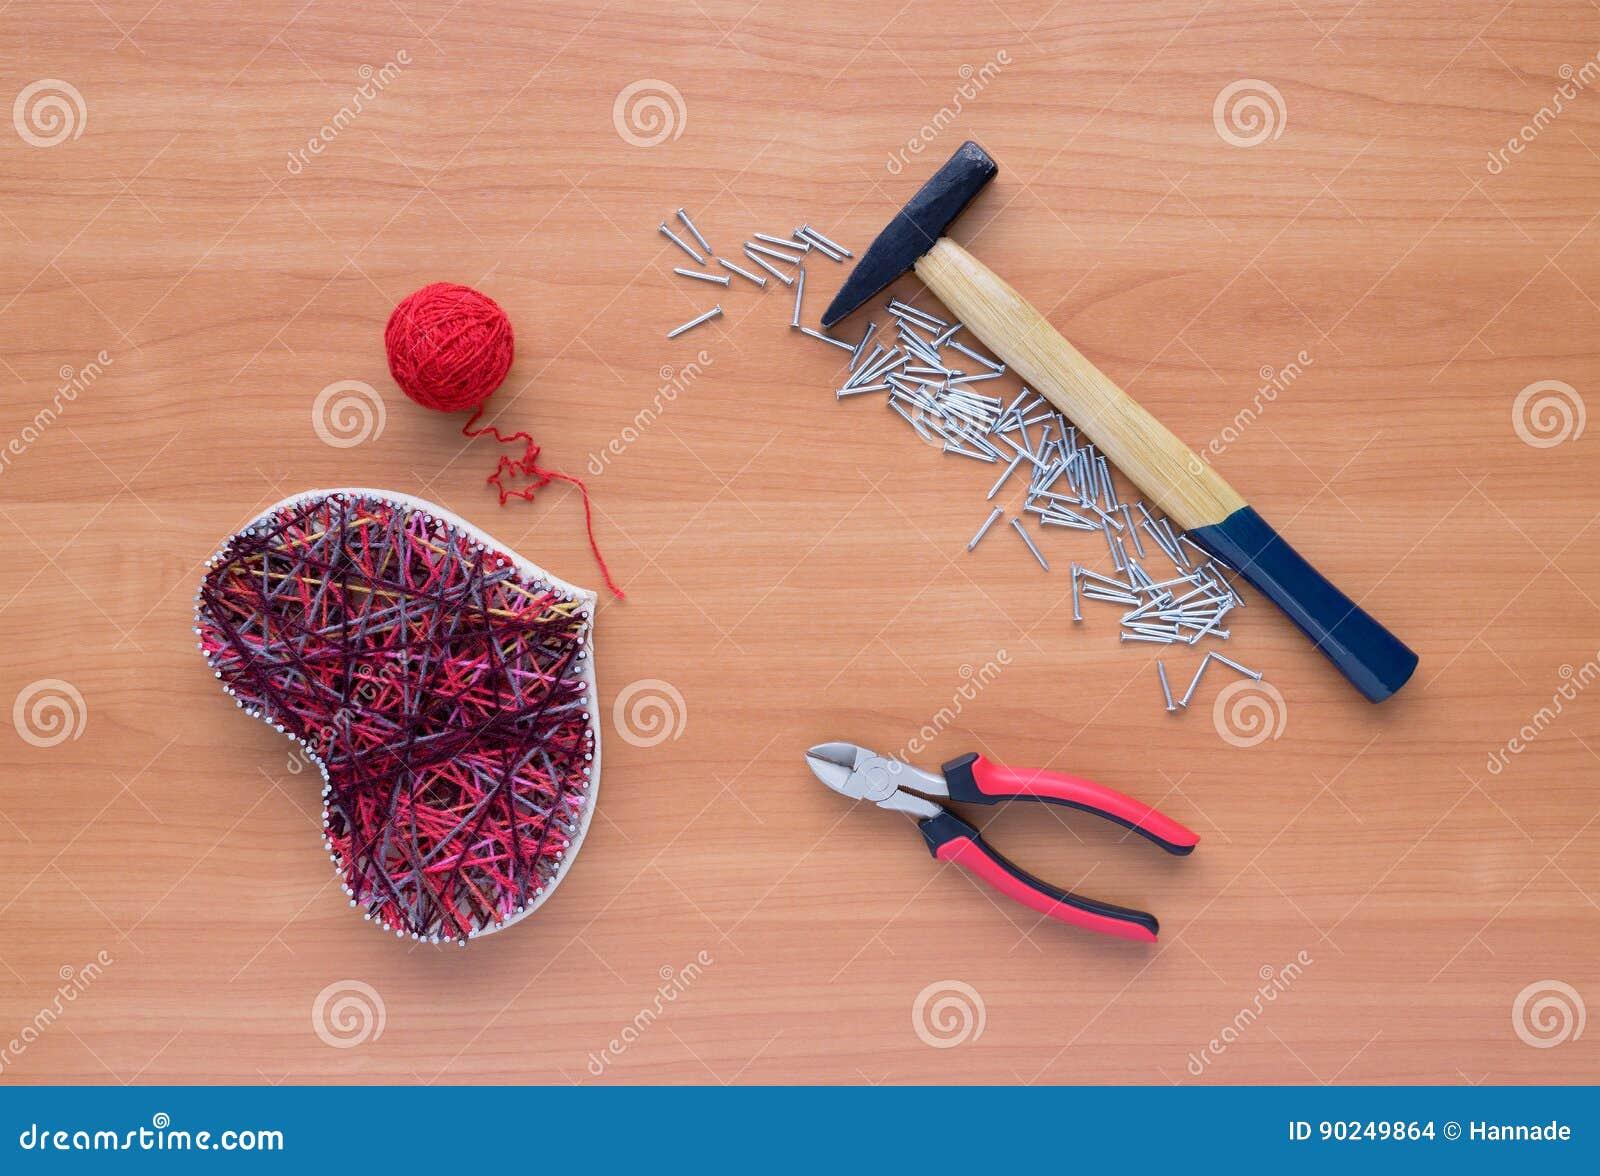 Strumenti Per Lavoro Manuale Nell Arte Della Corda Della Scaletta Sulla Tavola Di Legno Fotografia Stock Immagine Di Struttura Handmade 90249864